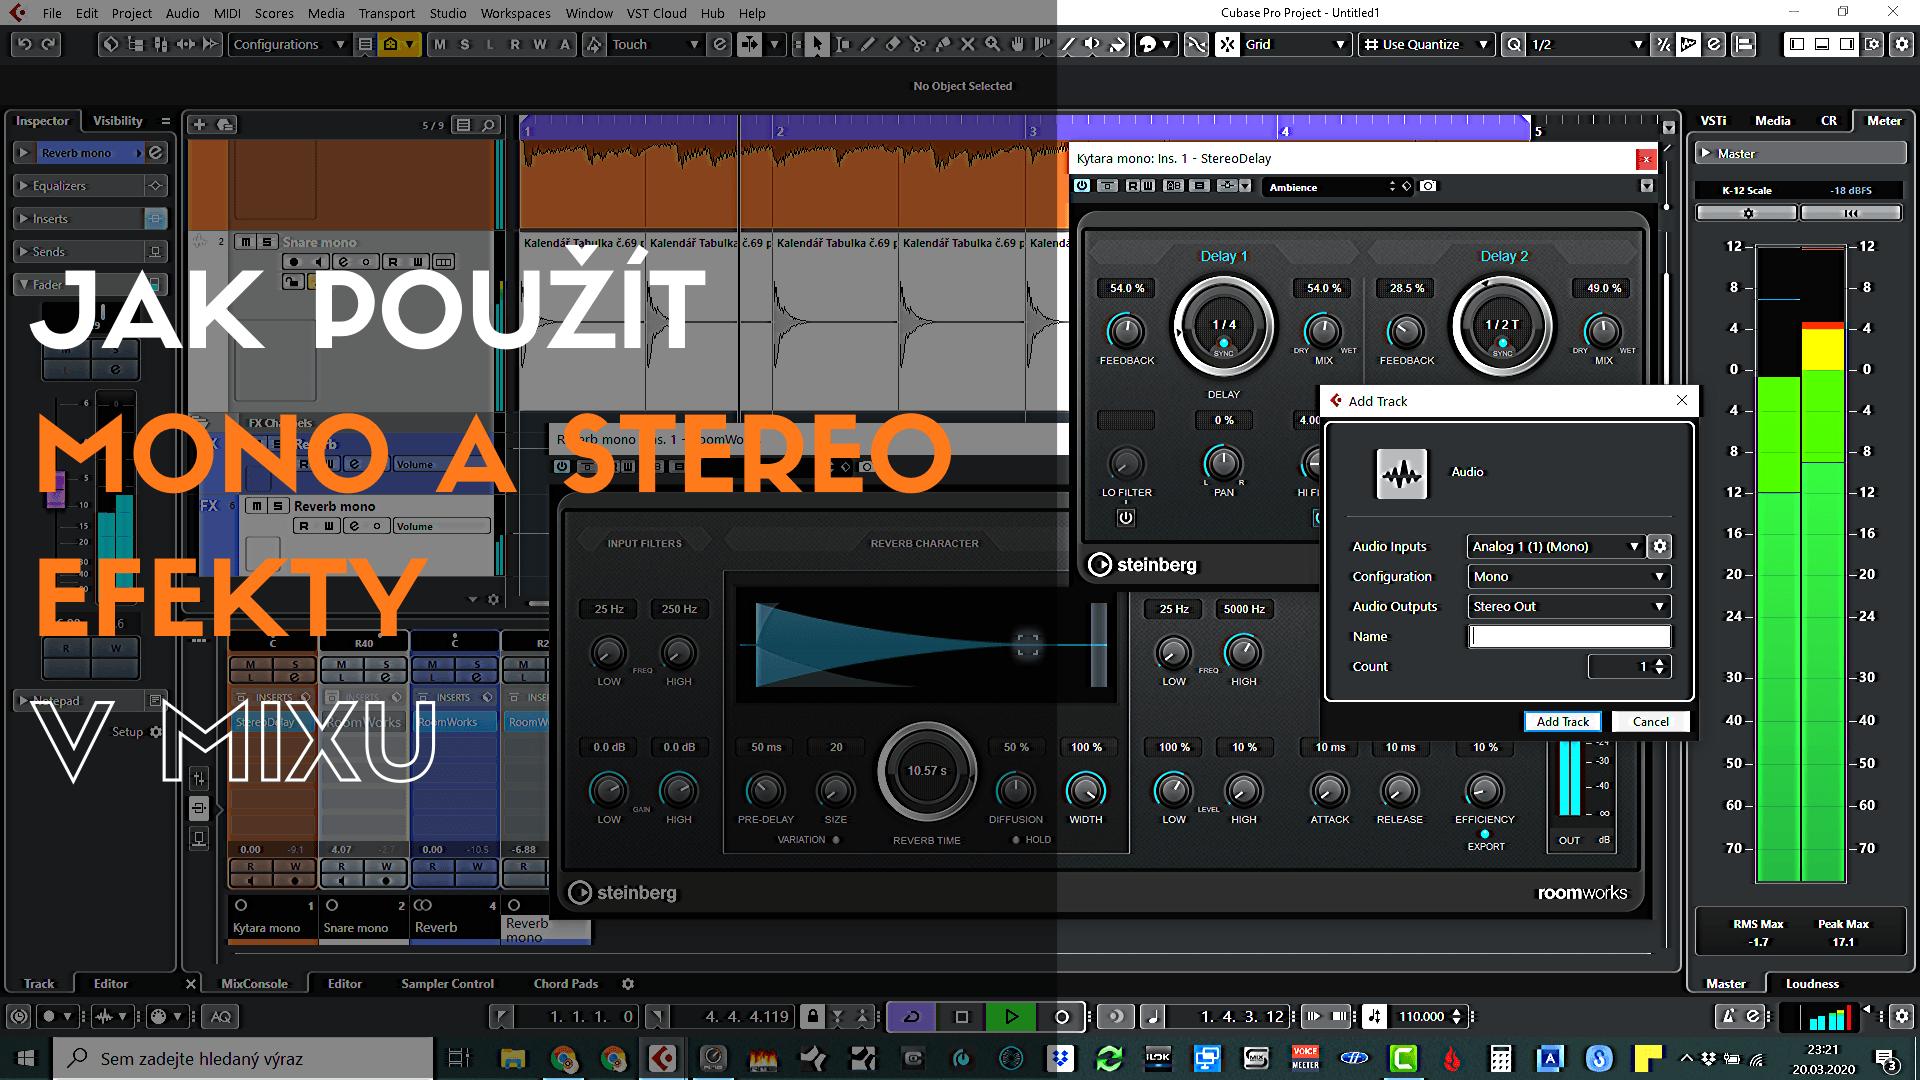 Jak použít mono a stereo efekty v mixu